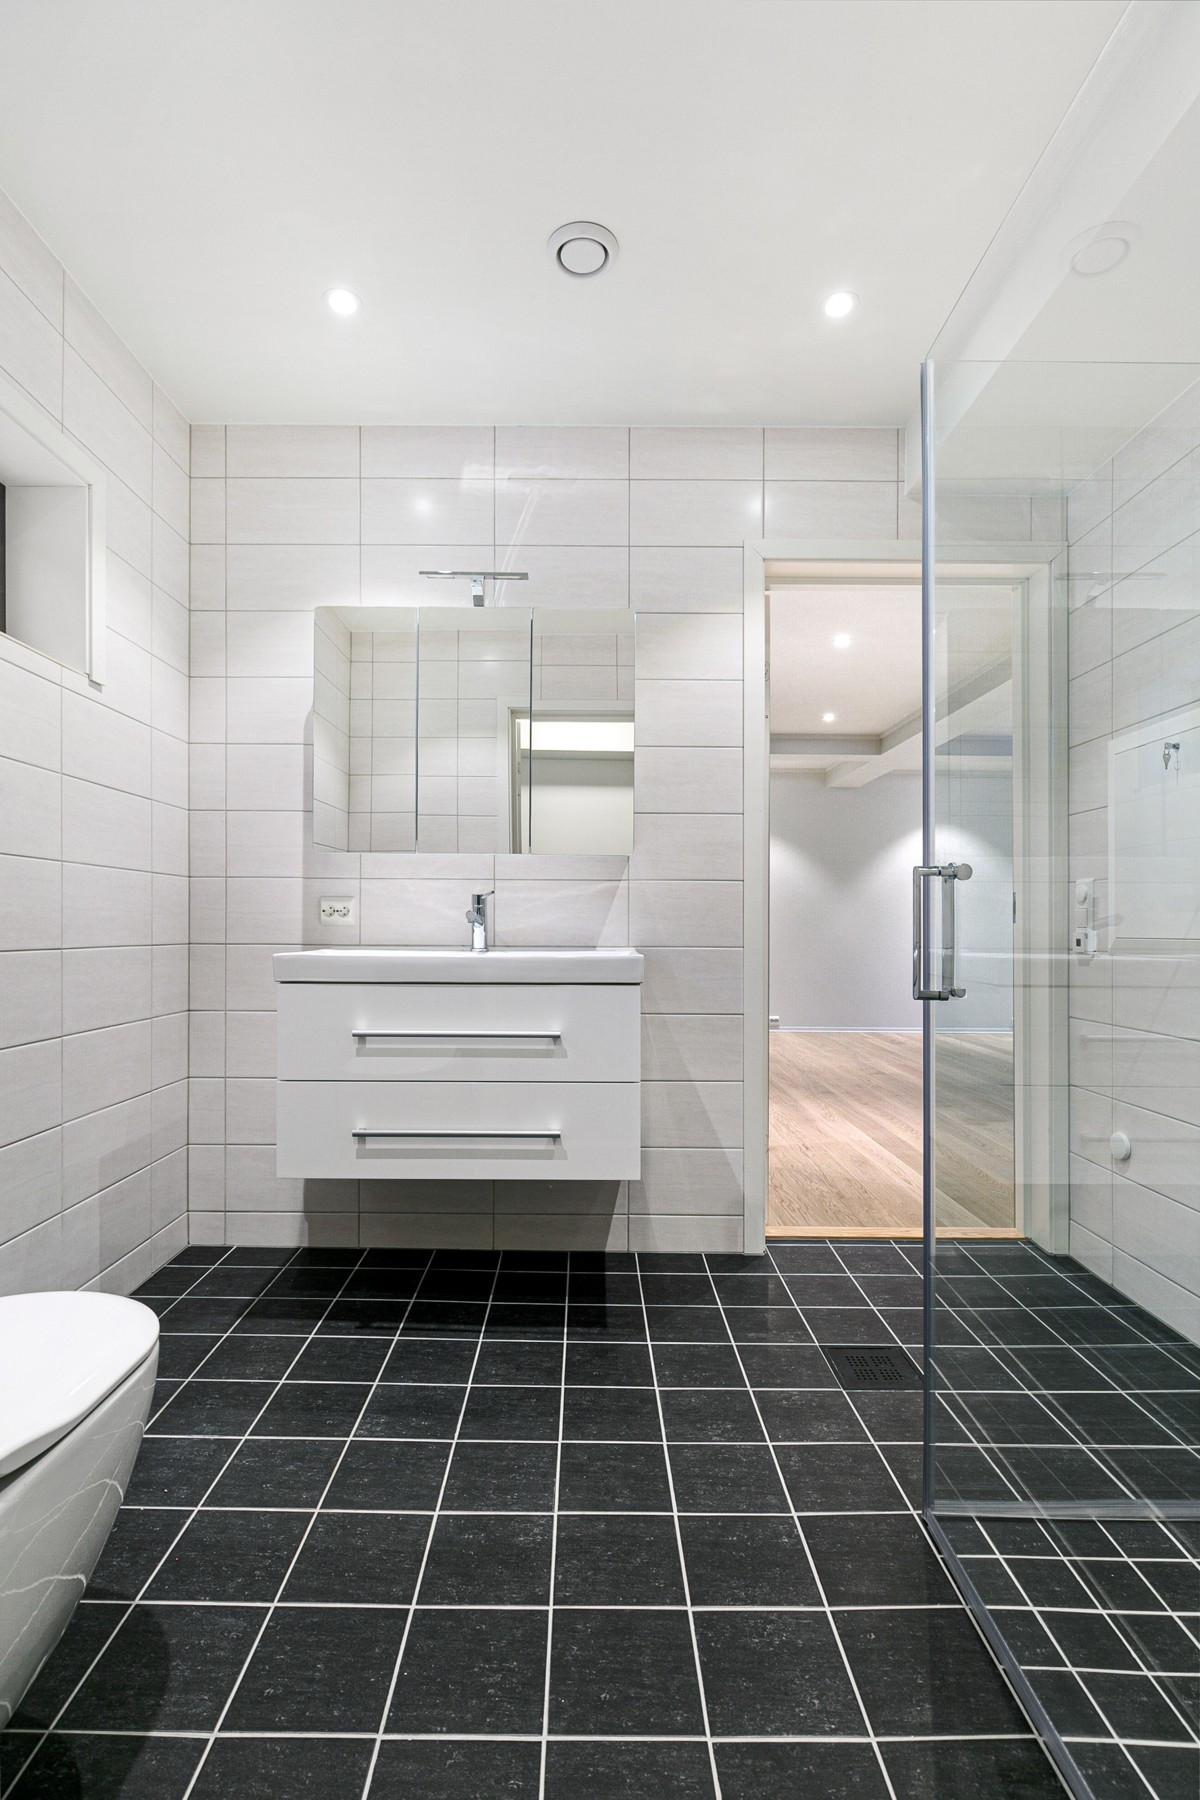 Bad i 1. etasje - komplett flislagt med varmekabler, stor dusjnisje og spotter i himling